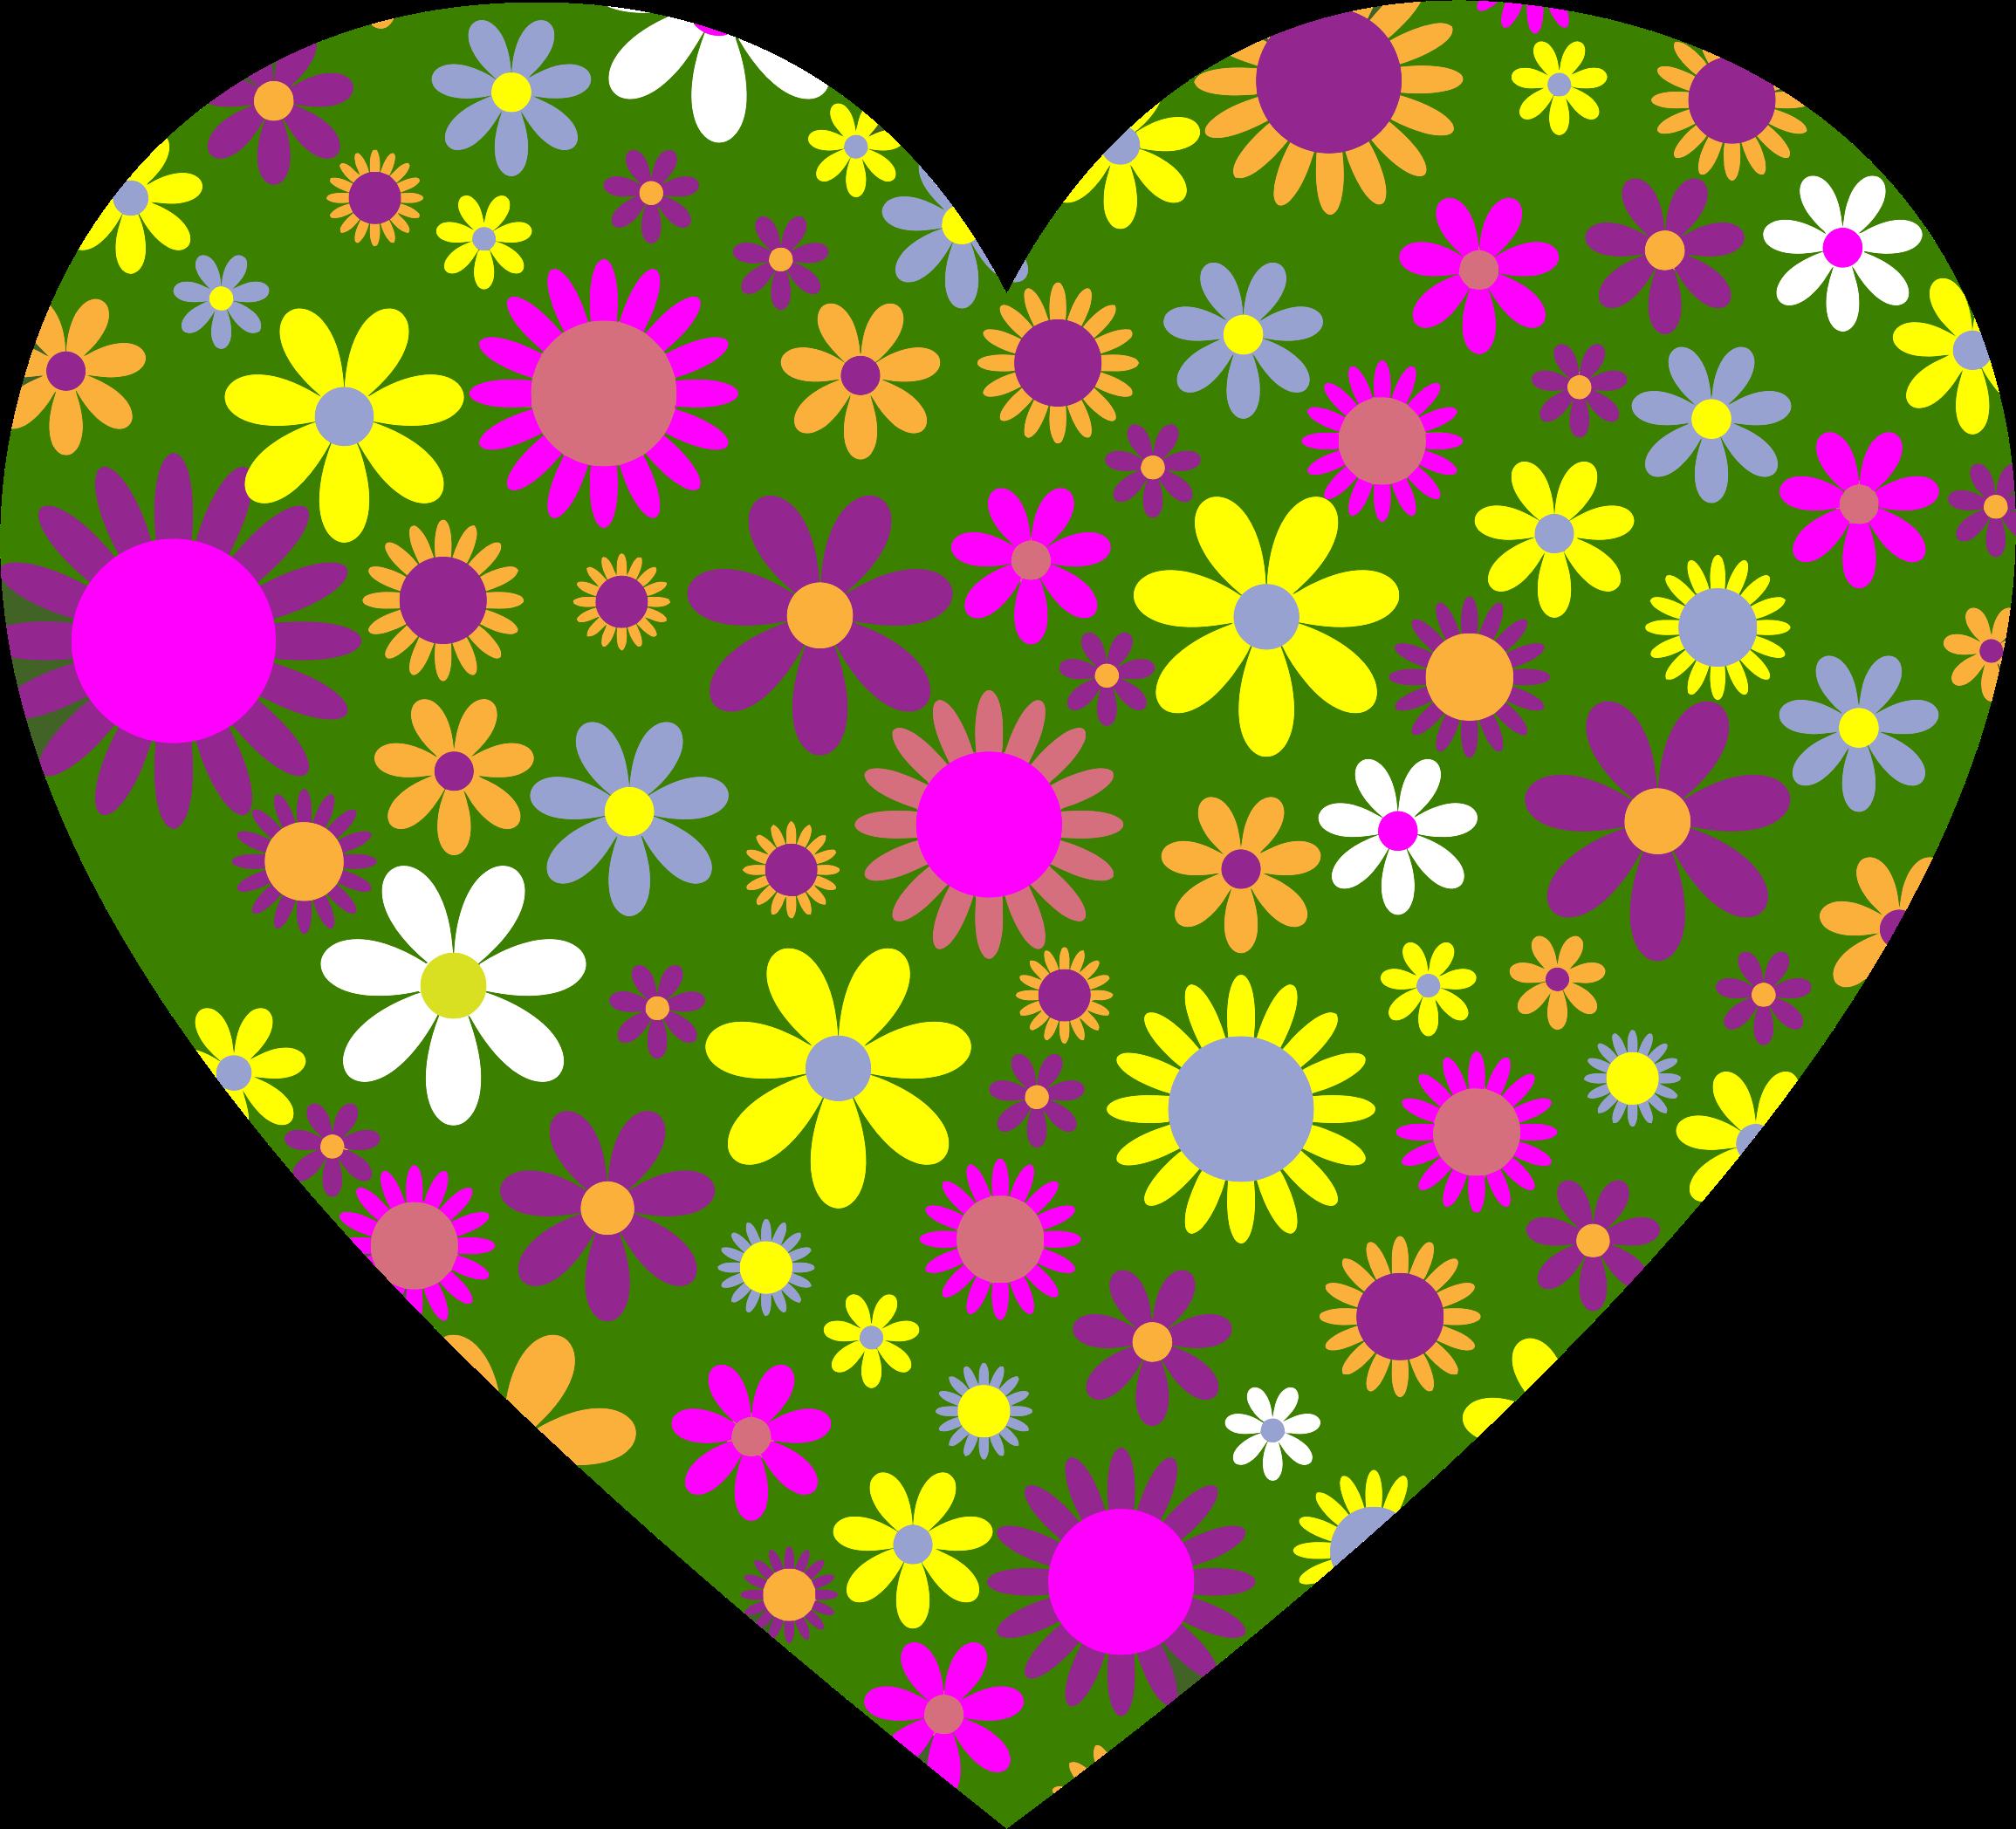 Flower heart clipart vector transparent library Clipart - Retro Floral Heart vector transparent library